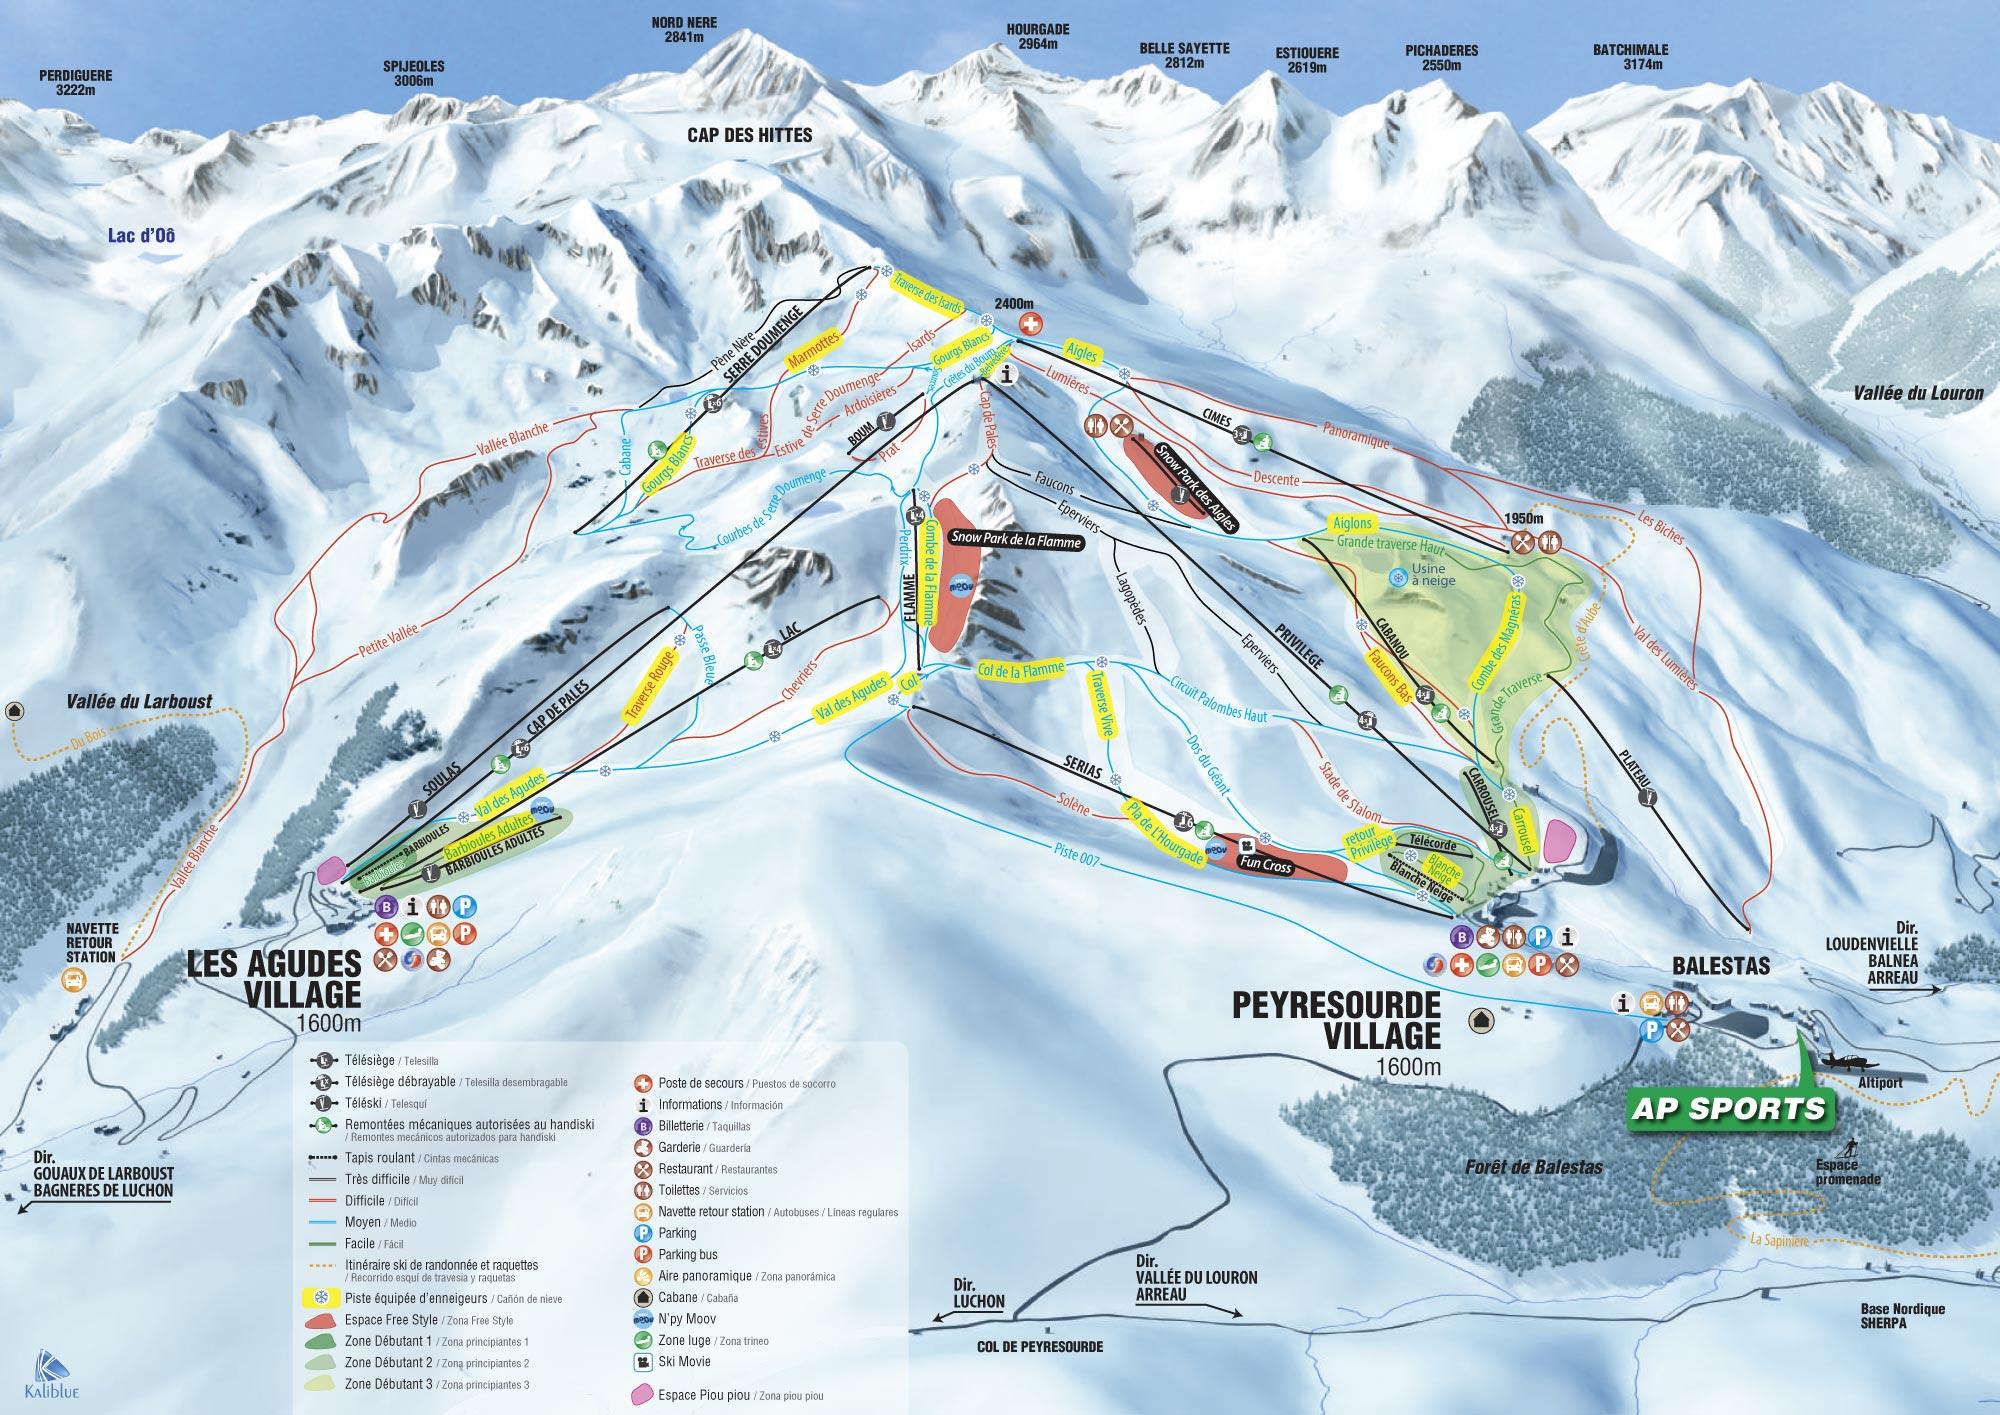 Peyragudes - mapa de las pistas de esquí